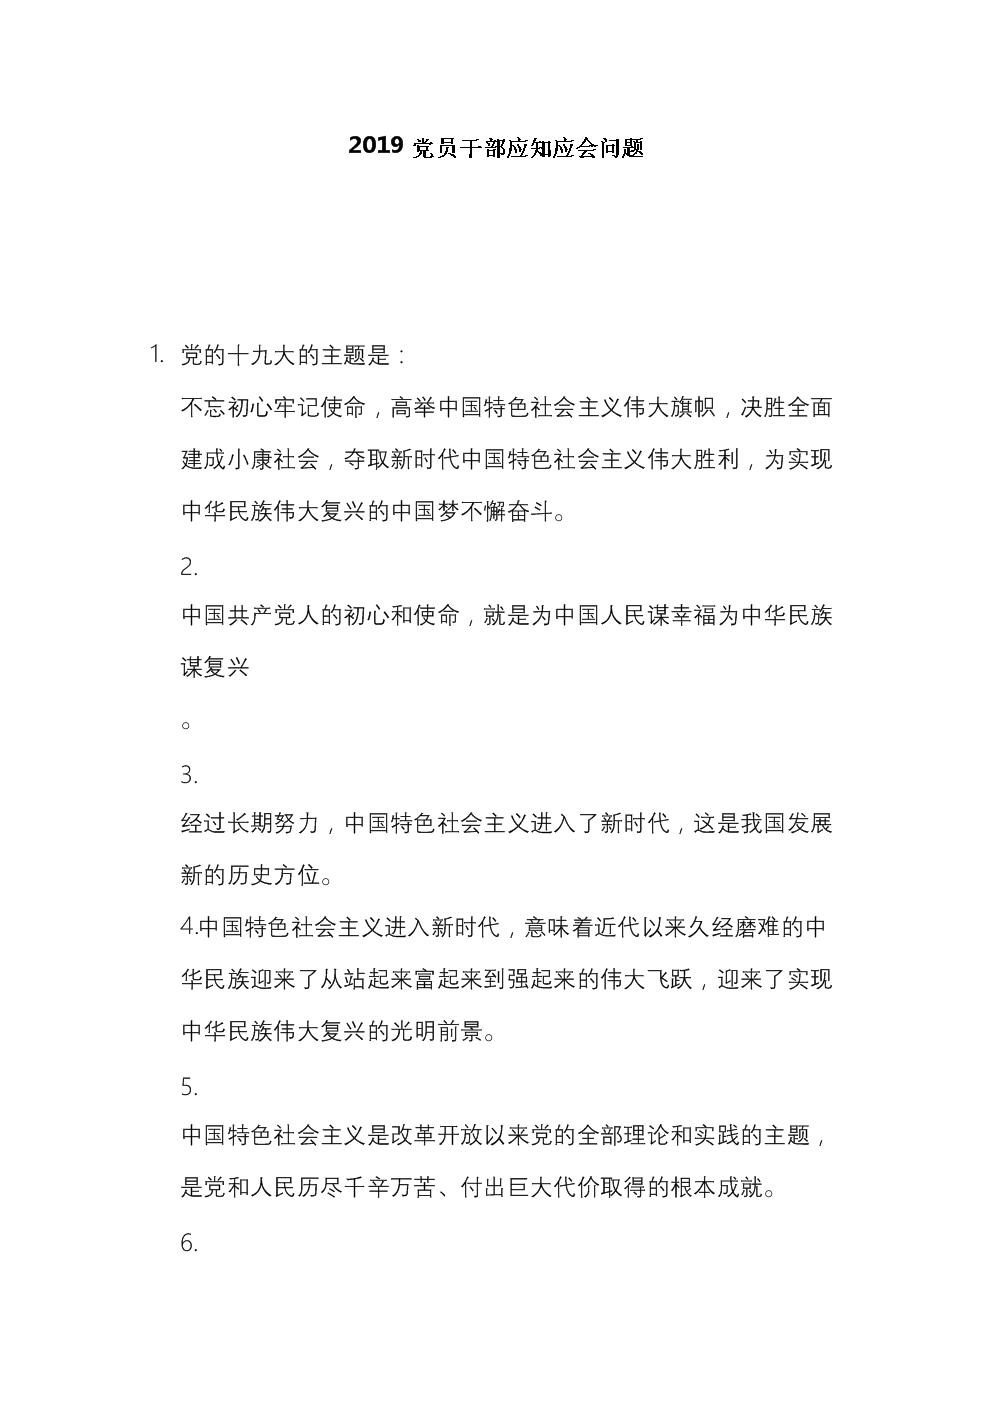 超陆权强国_要坚持党管人才原则,聚天下英才而用之,加快建设人才强国.44.